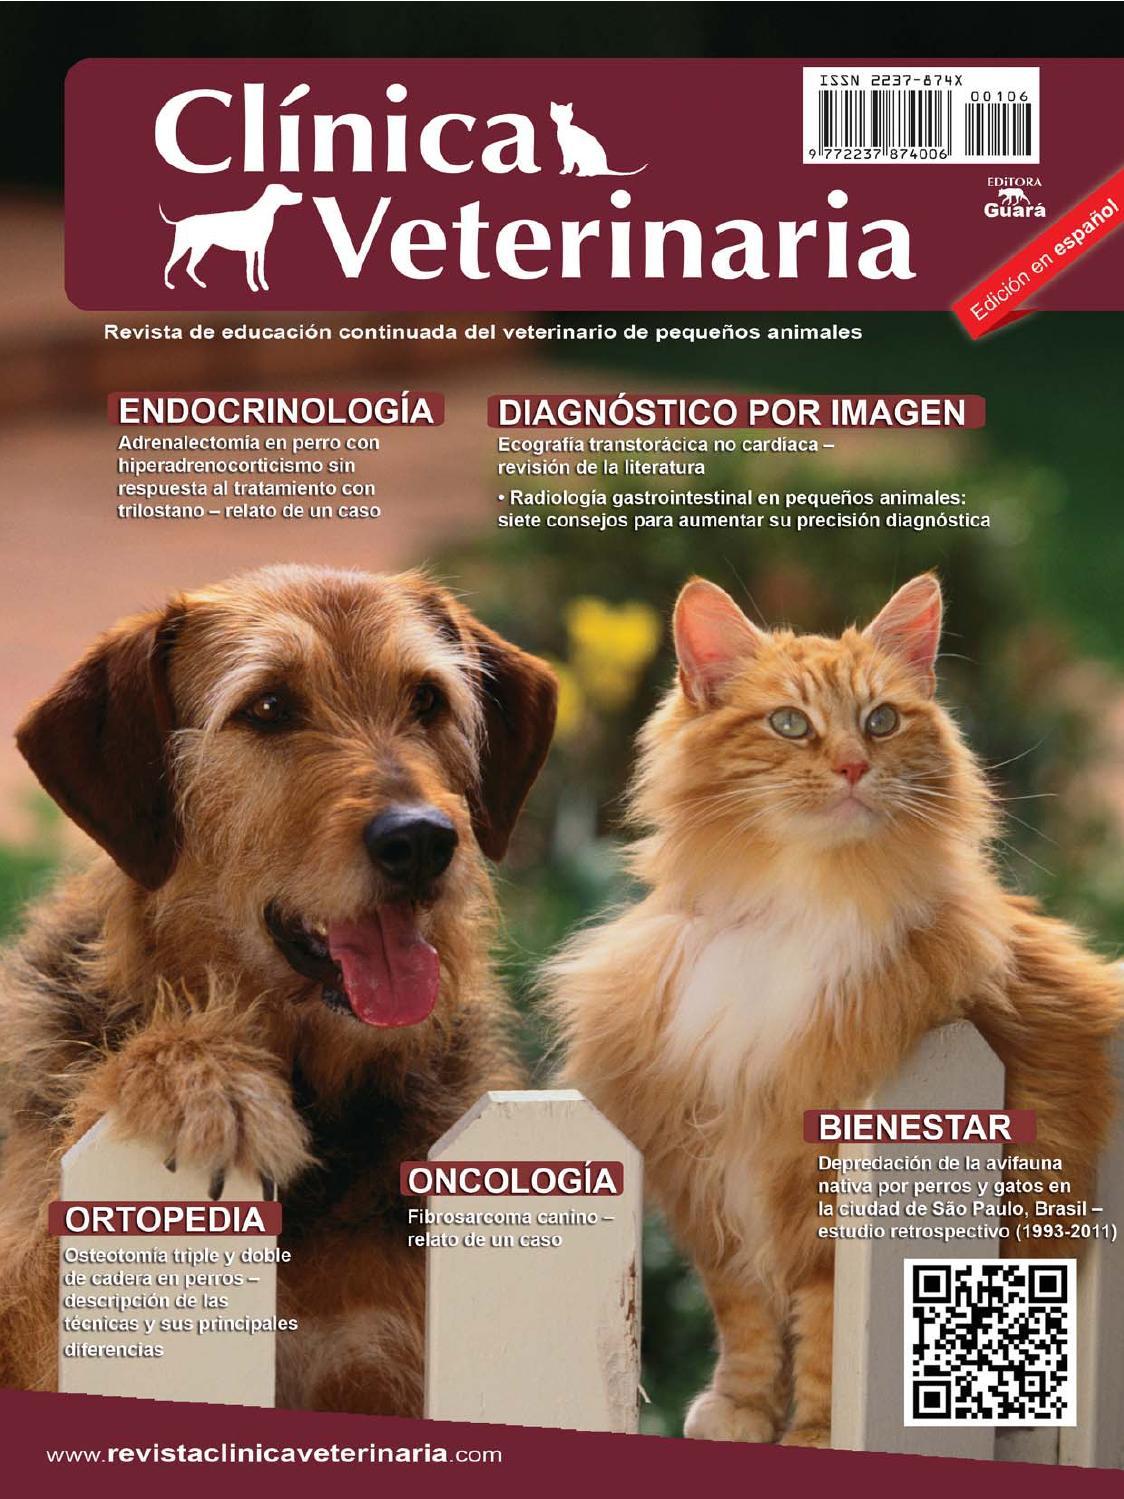 Clínica Veterinaria n. 106 by Revista Clínica Veterinária - issuu